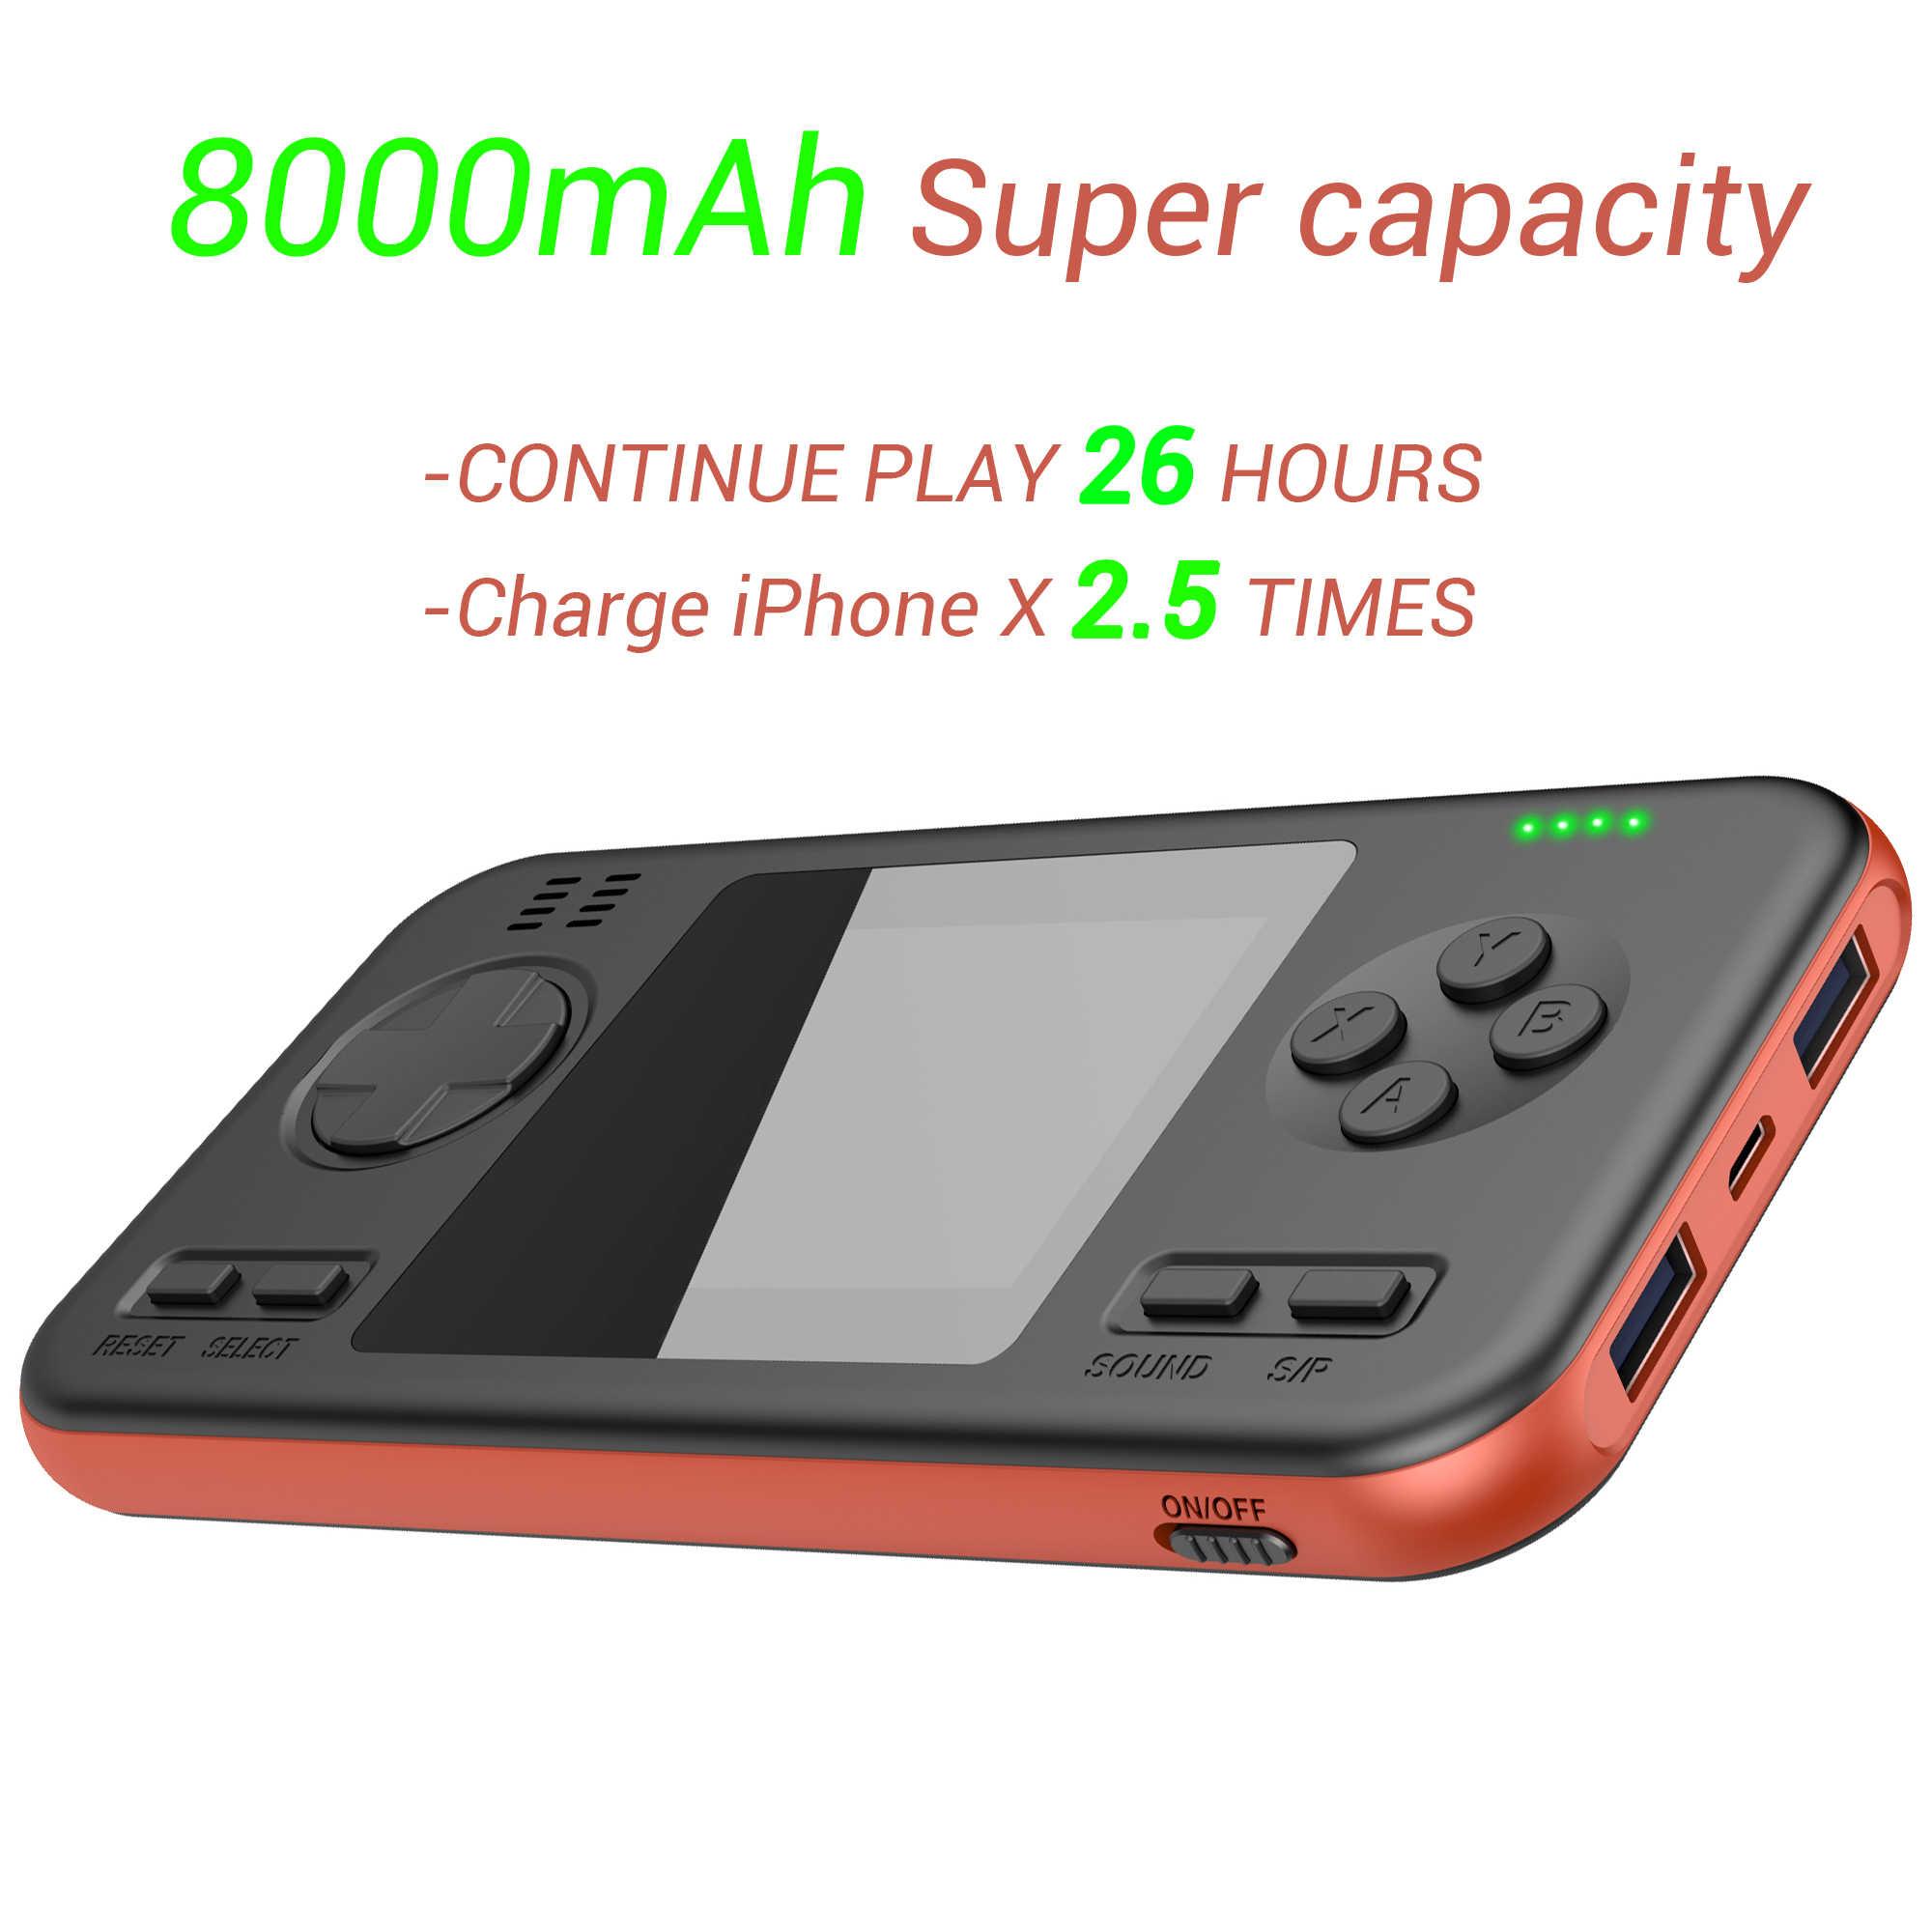 Incorporado 416 juegos con batería de 8000mAh Retro videoconsola de juegos de mano 2,8 pulgadas Color LCD